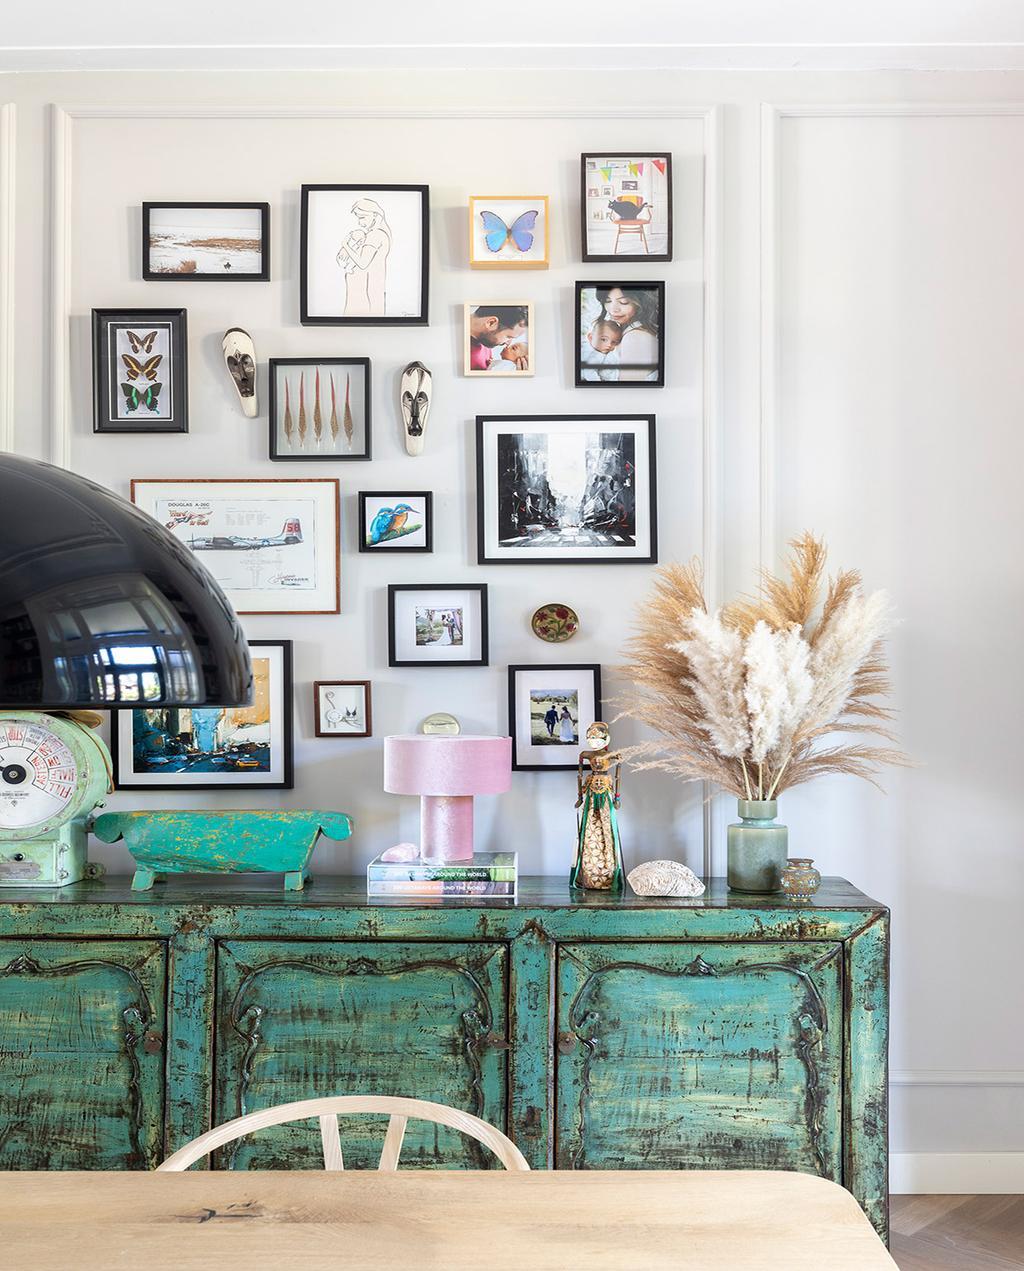 vtwonen 01-2021 | binnenkijken bij interior junkie fotomuur met verschillende lijstjes en groene kast